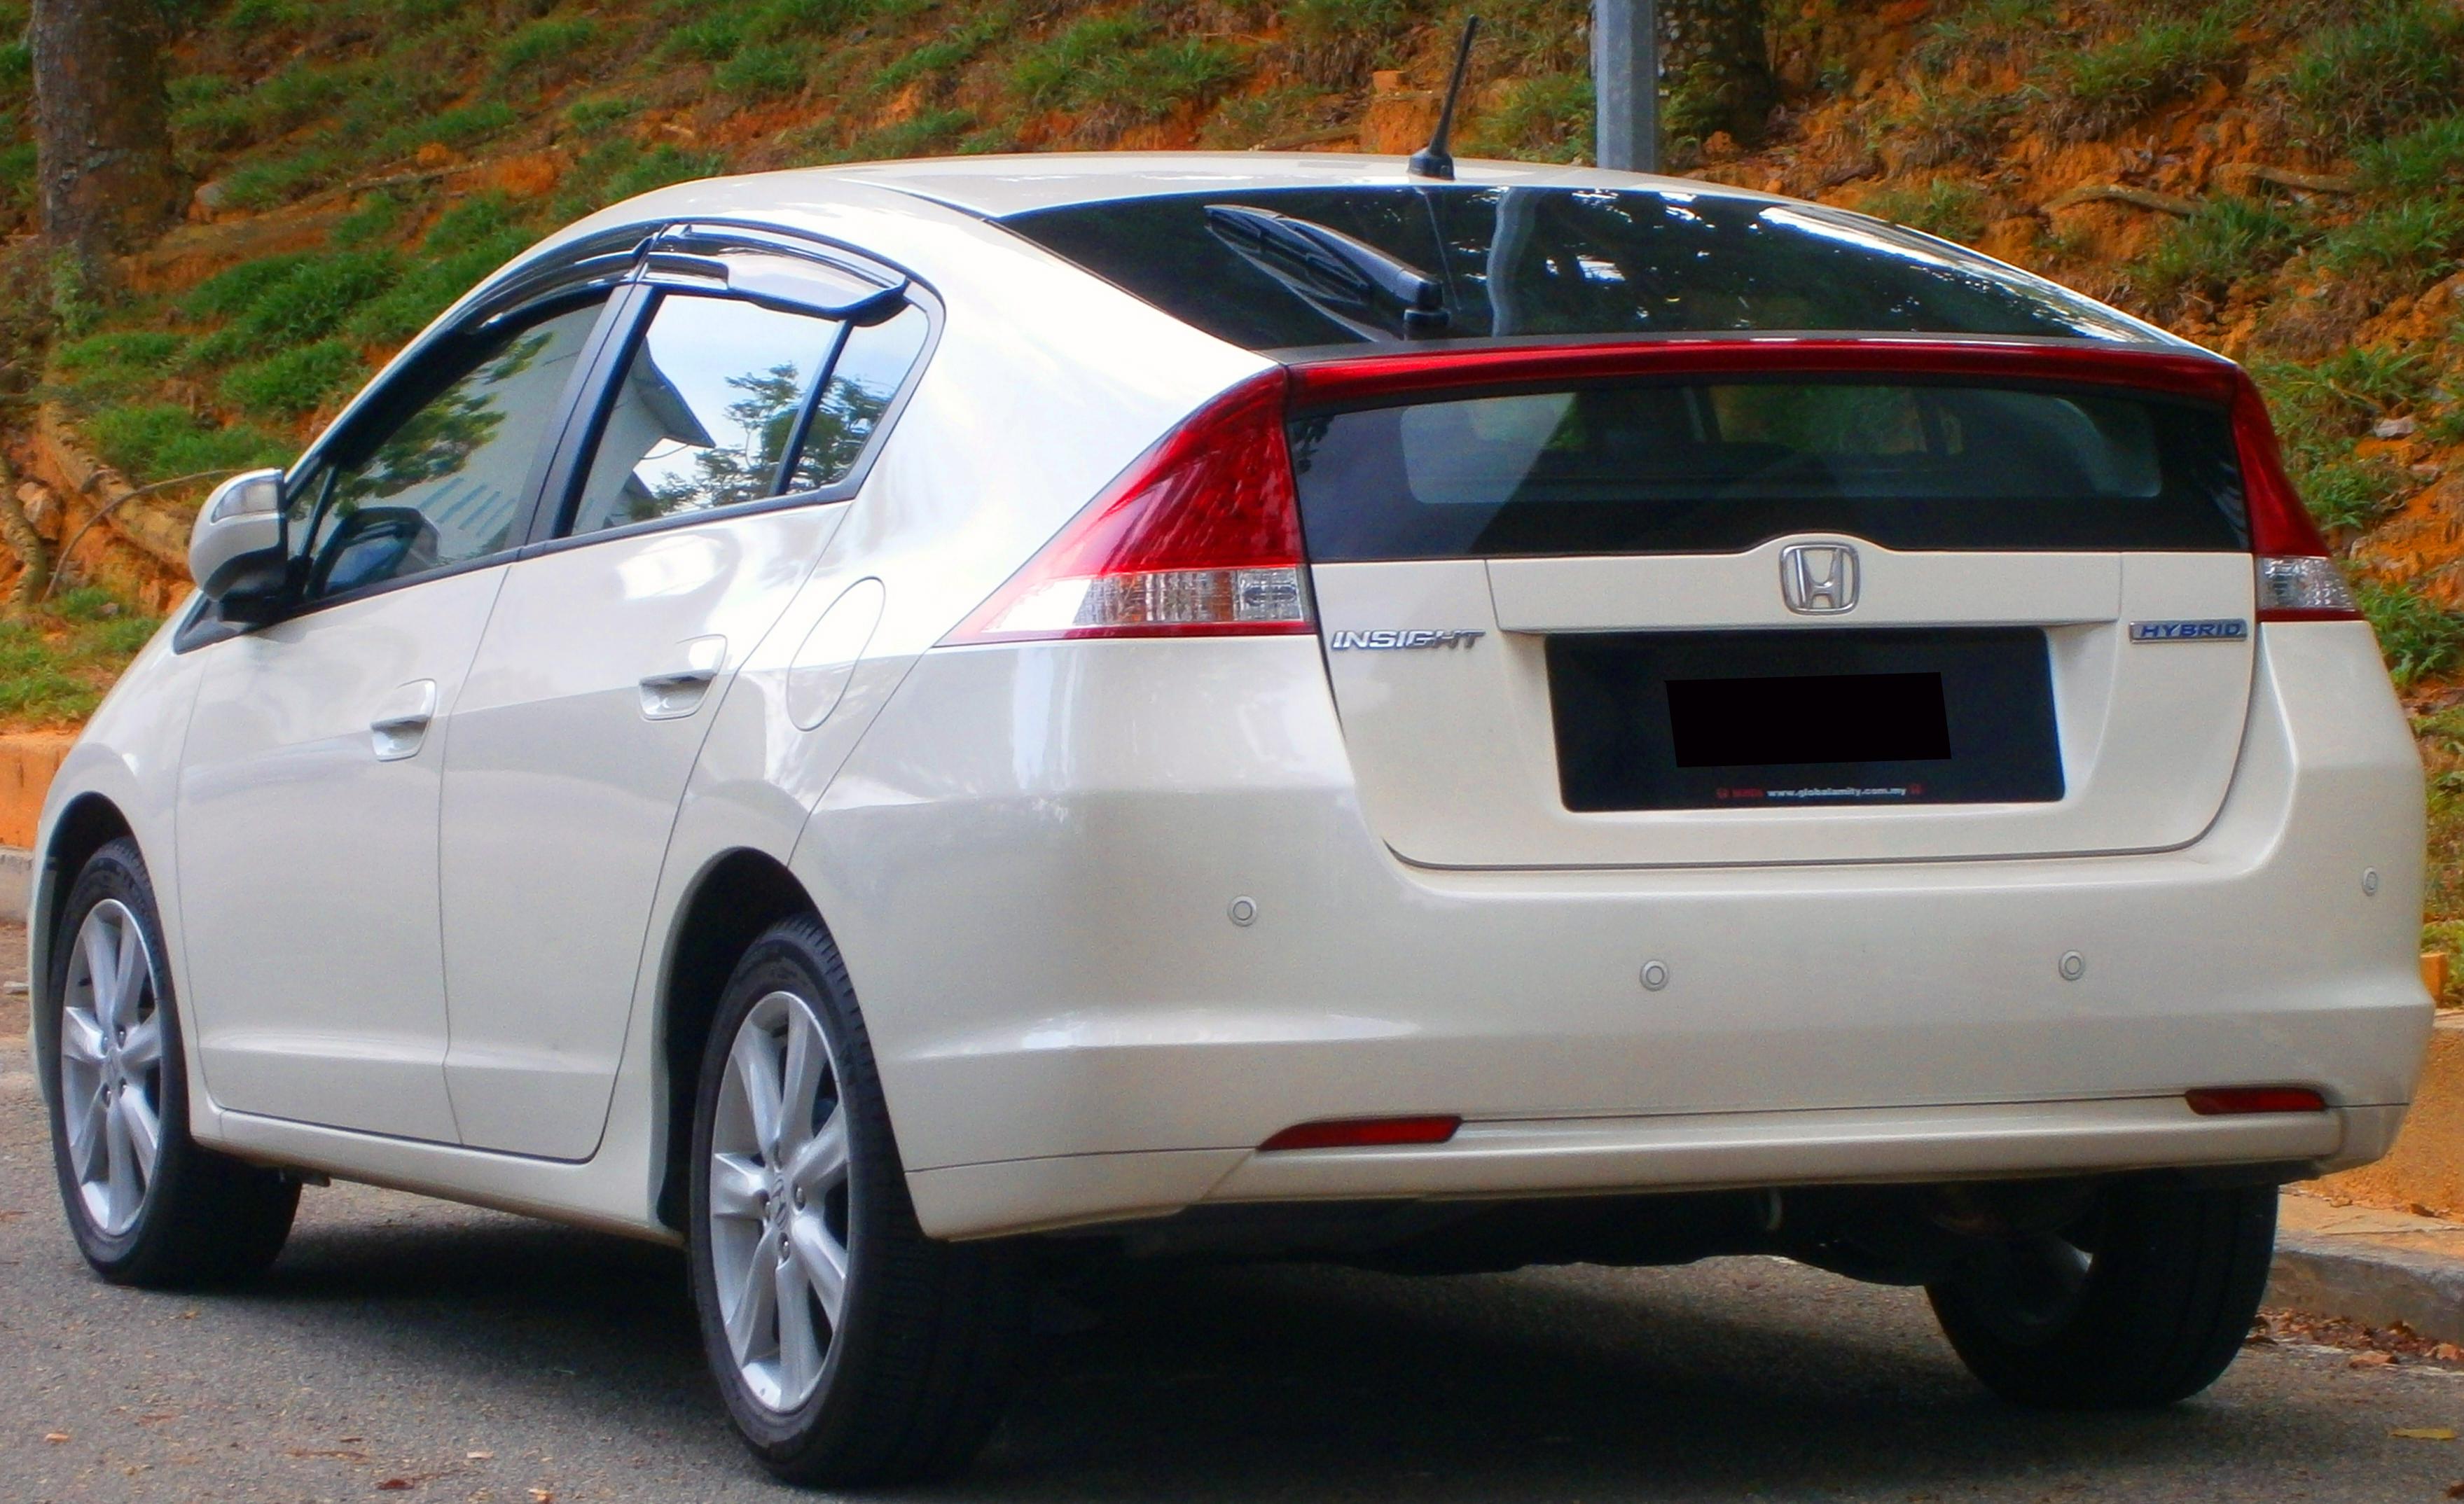 Honda Insight 2014 Exterior Rear End